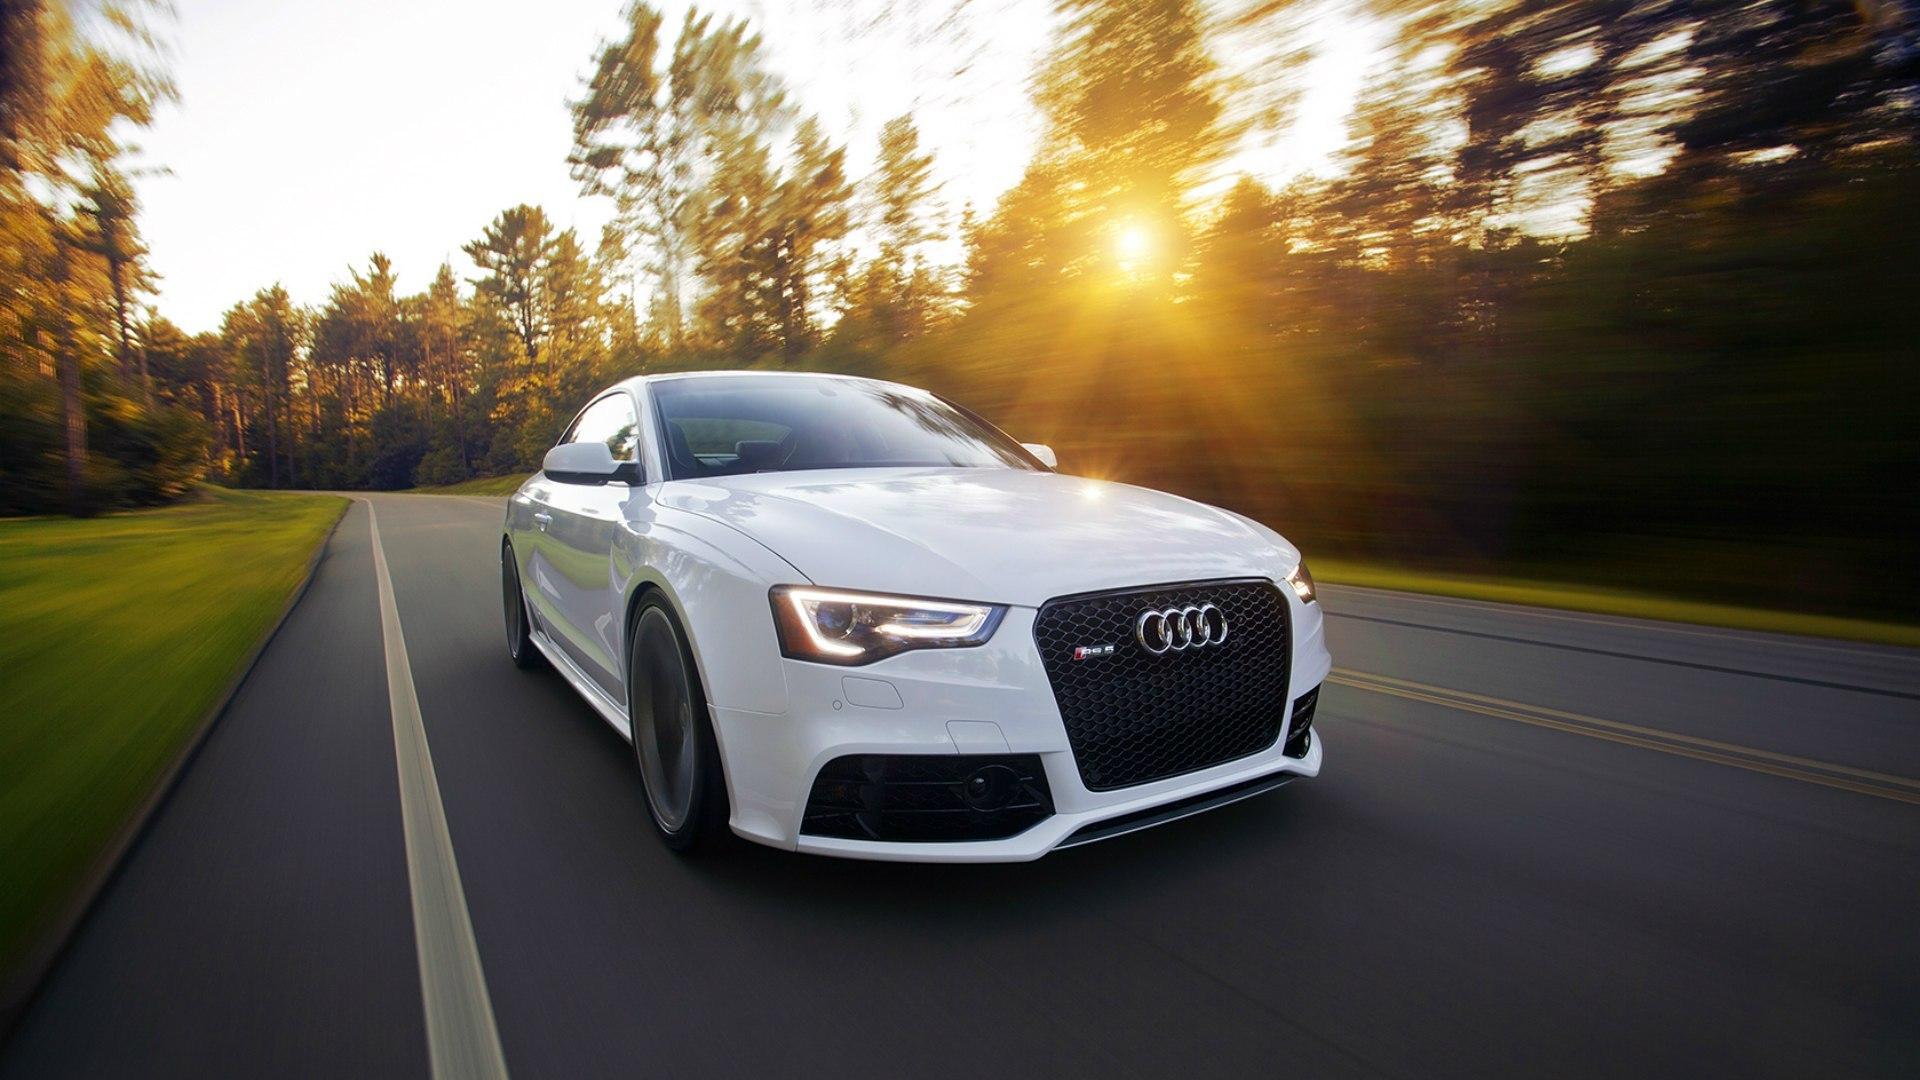 21257 скачать обои Транспорт, Машины, Ауди (Audi) - заставки и картинки бесплатно